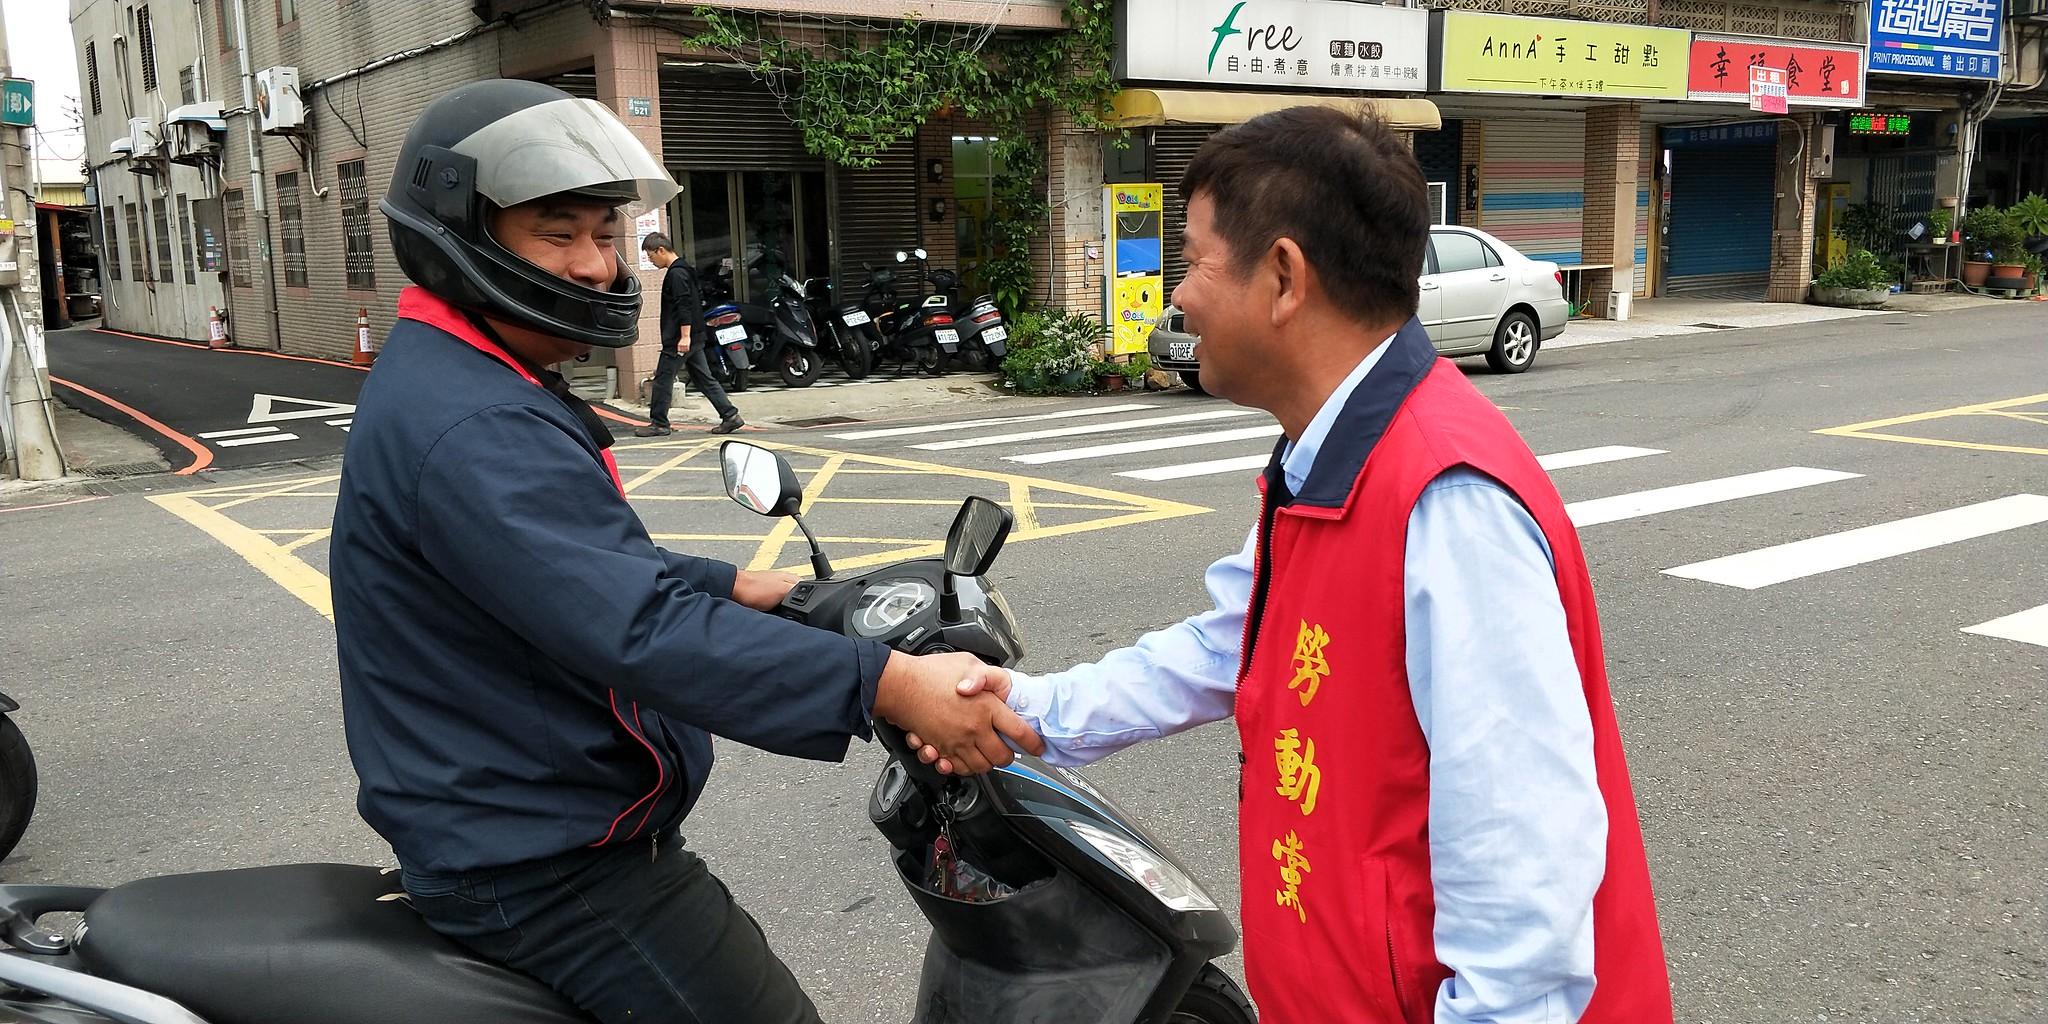 罗美文(右)在街头与上下班的民众互动。(罗美文竞选总部提供)